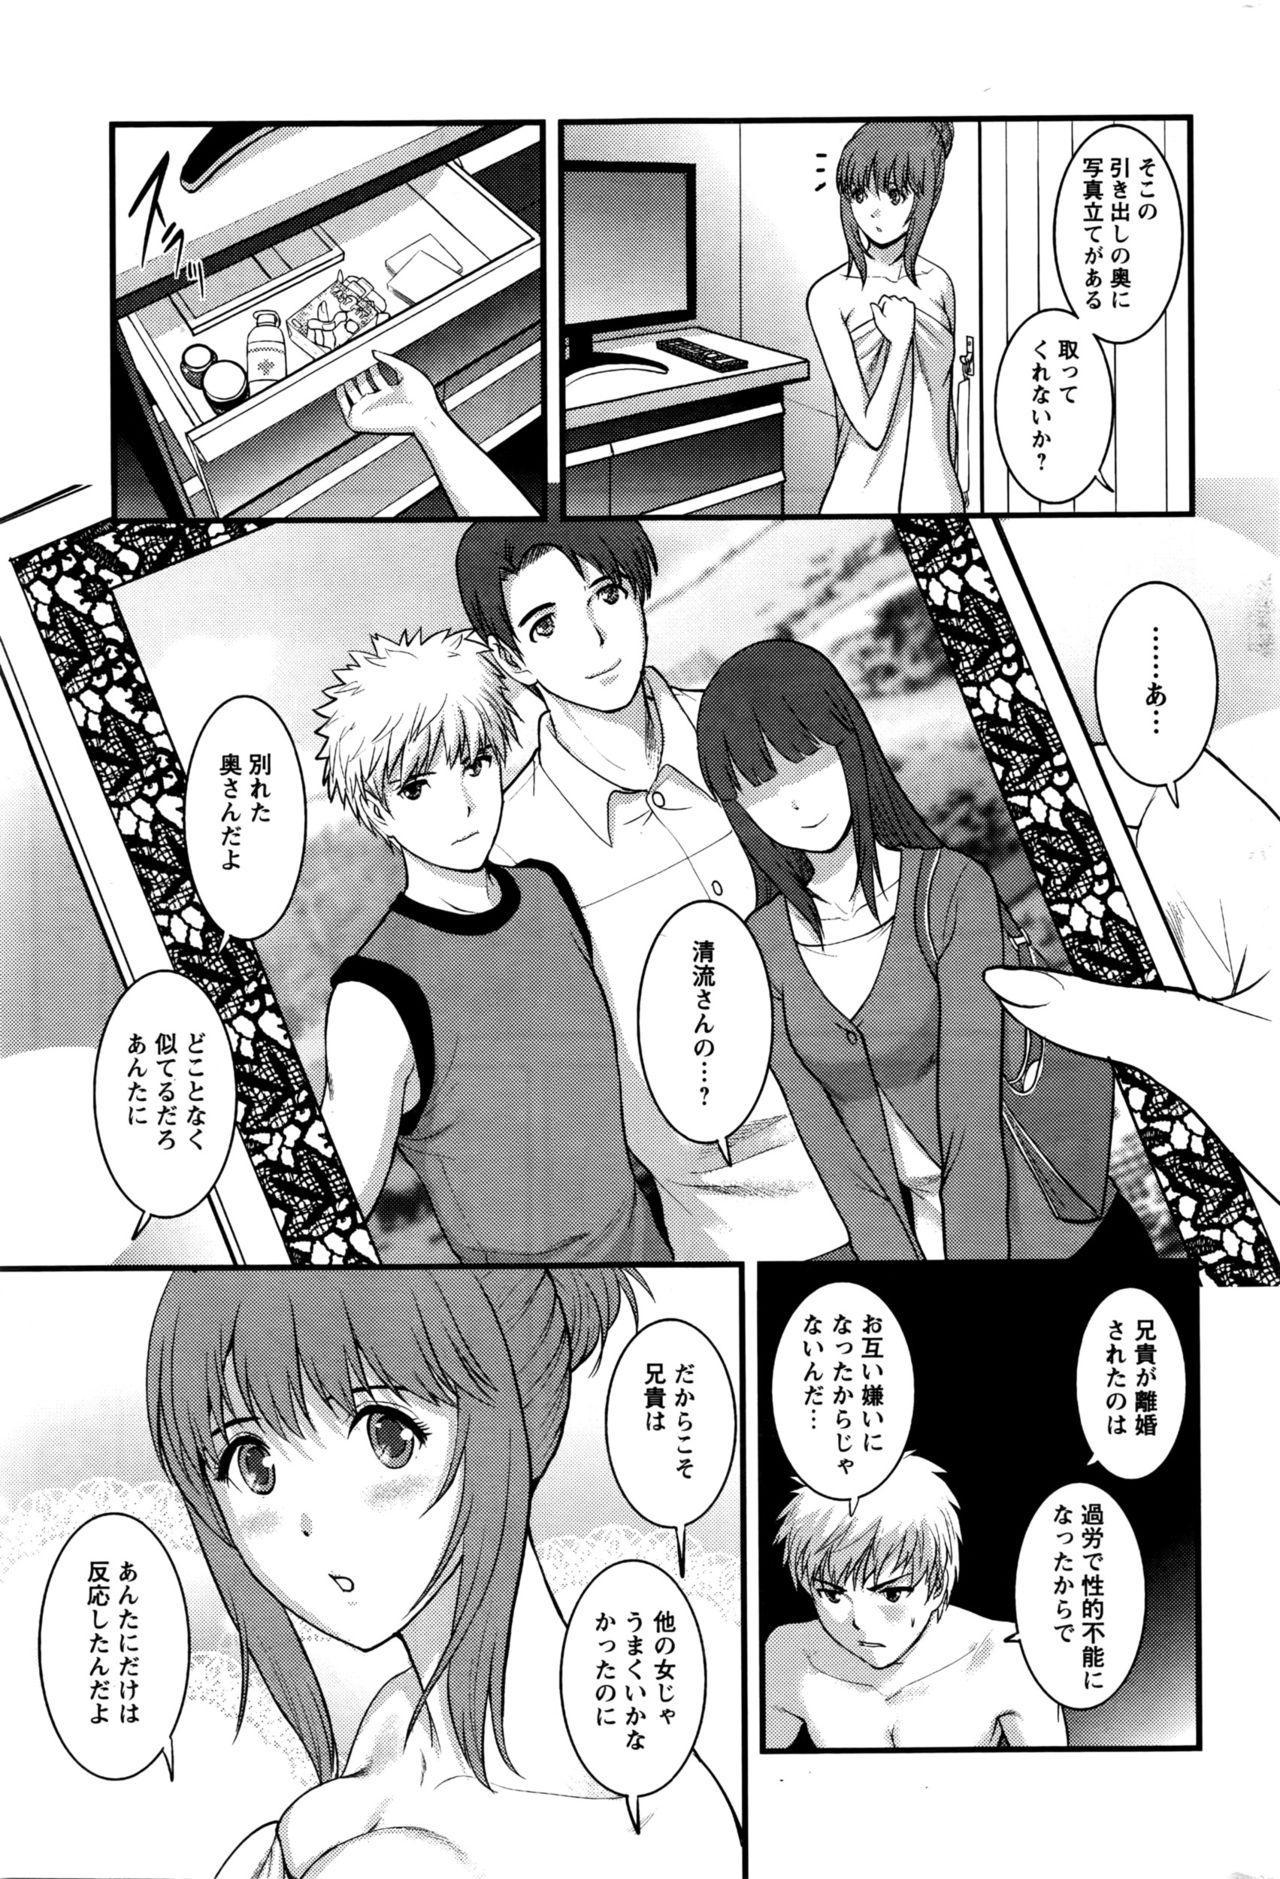 [Saigado] Part time Manaka-san 2nd Ch. 1-3 49